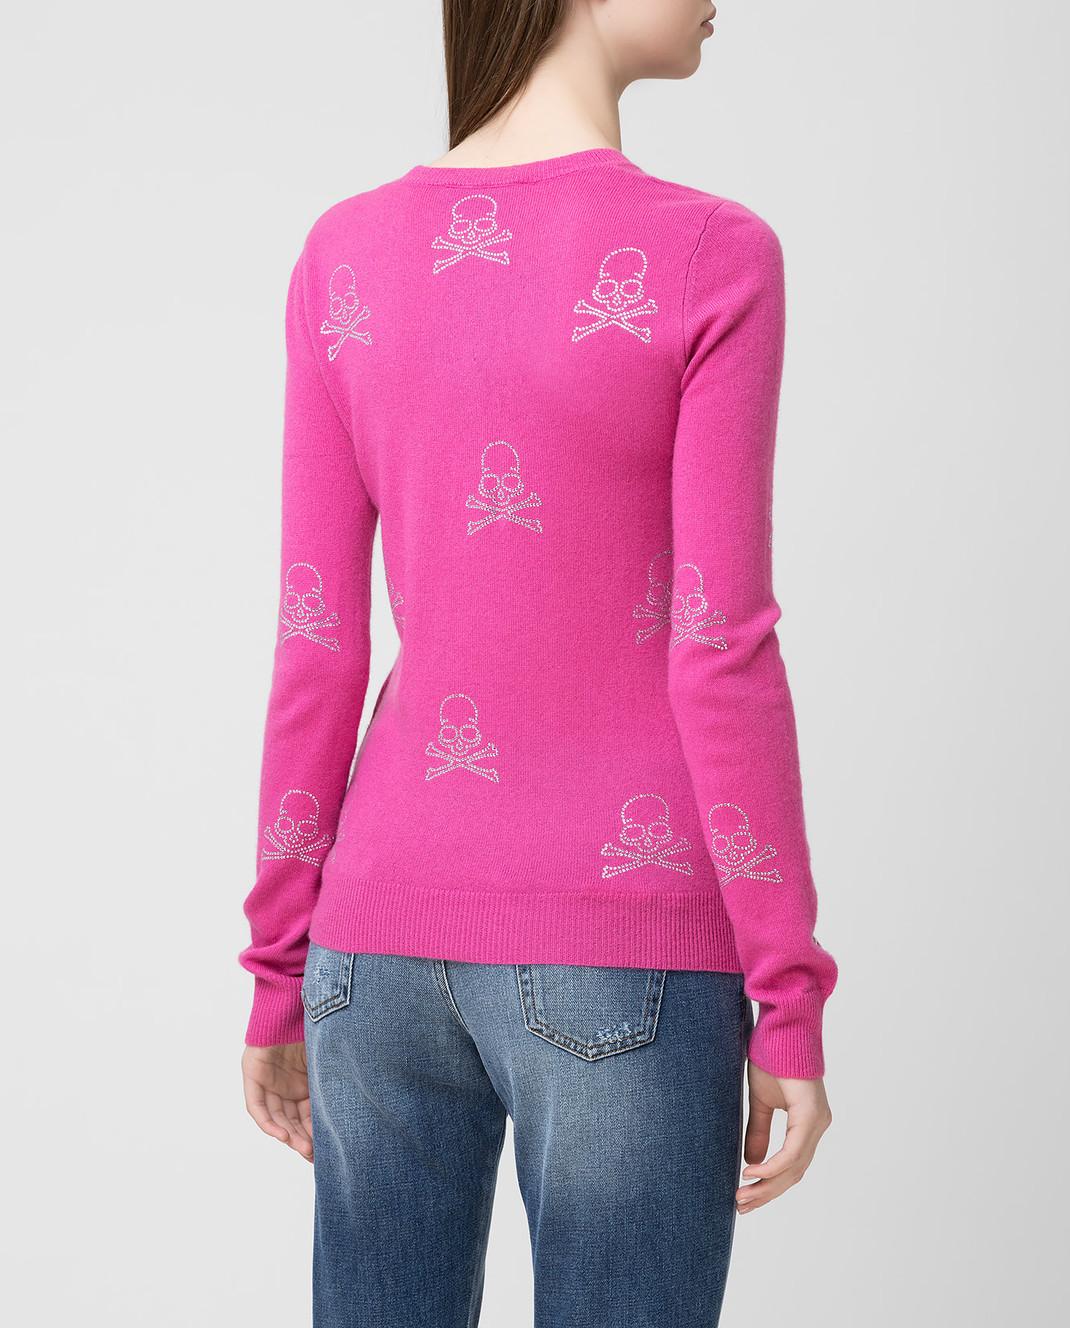 Philipp Plein Розовый джемпер из кашемира WKO0152 изображение 4